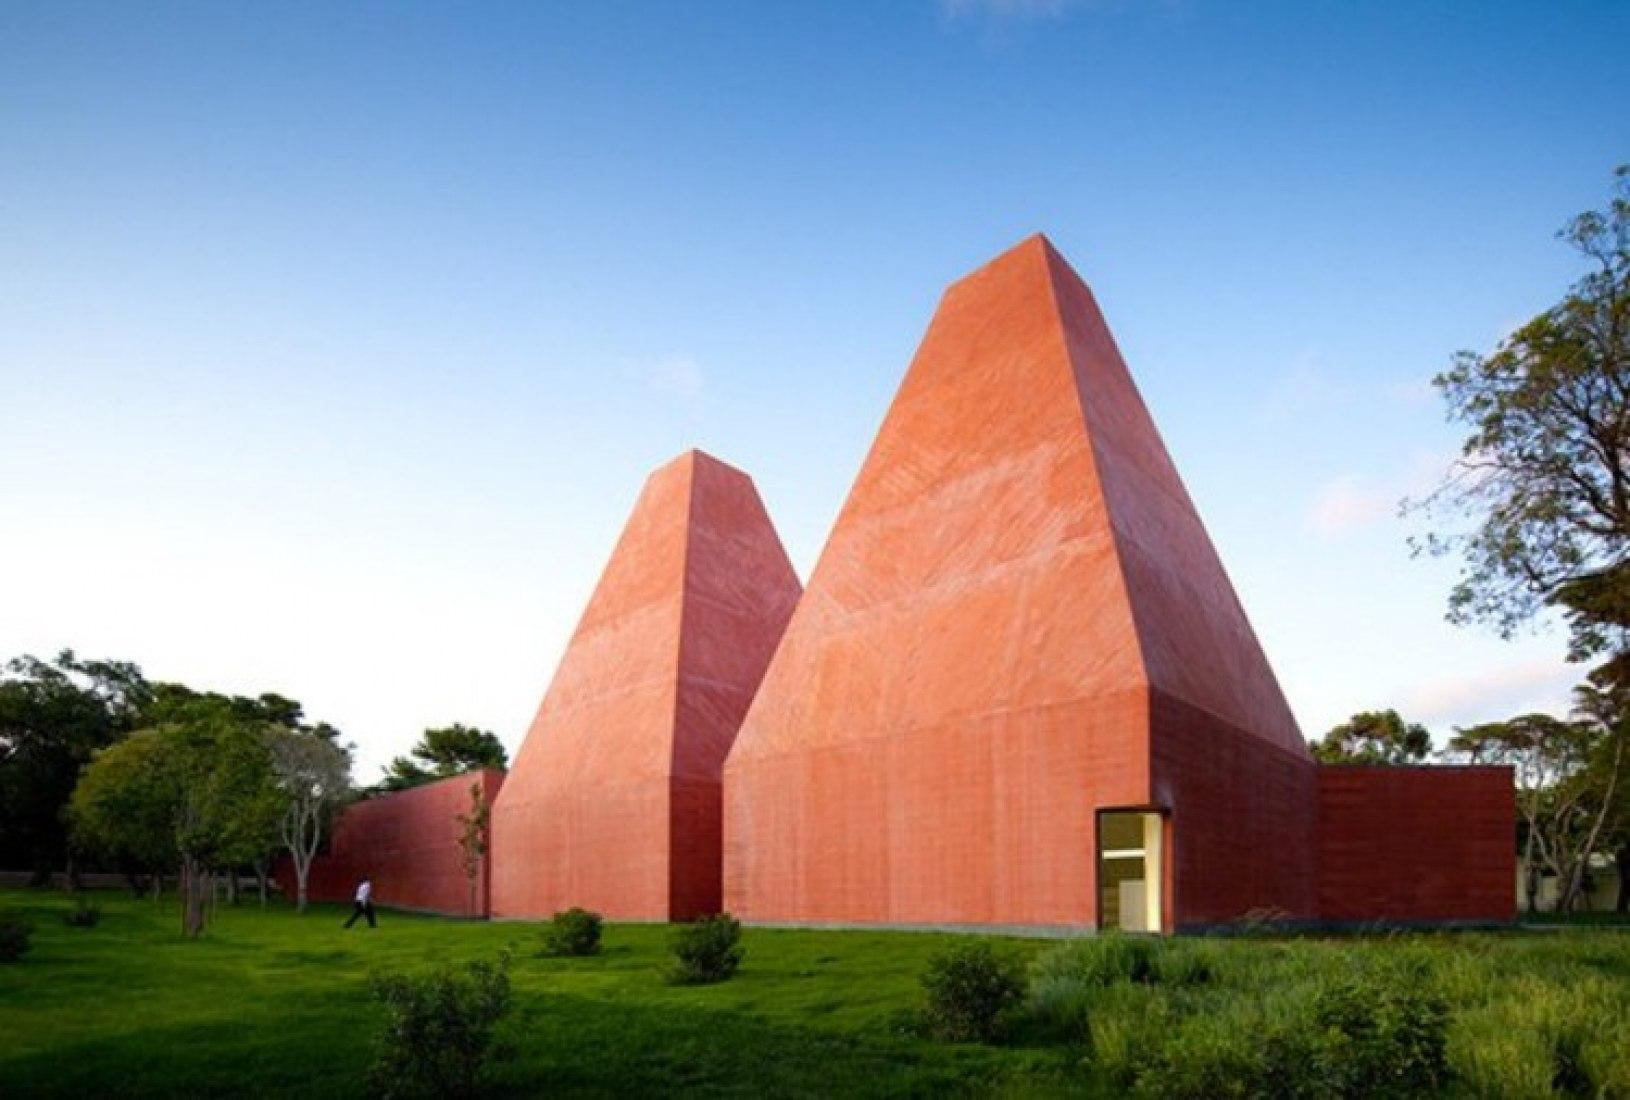 Museu Paula Rego, Casa das Histórias, Cascais, Portugal. Photograph © FG + SG/Fernando Guerra.